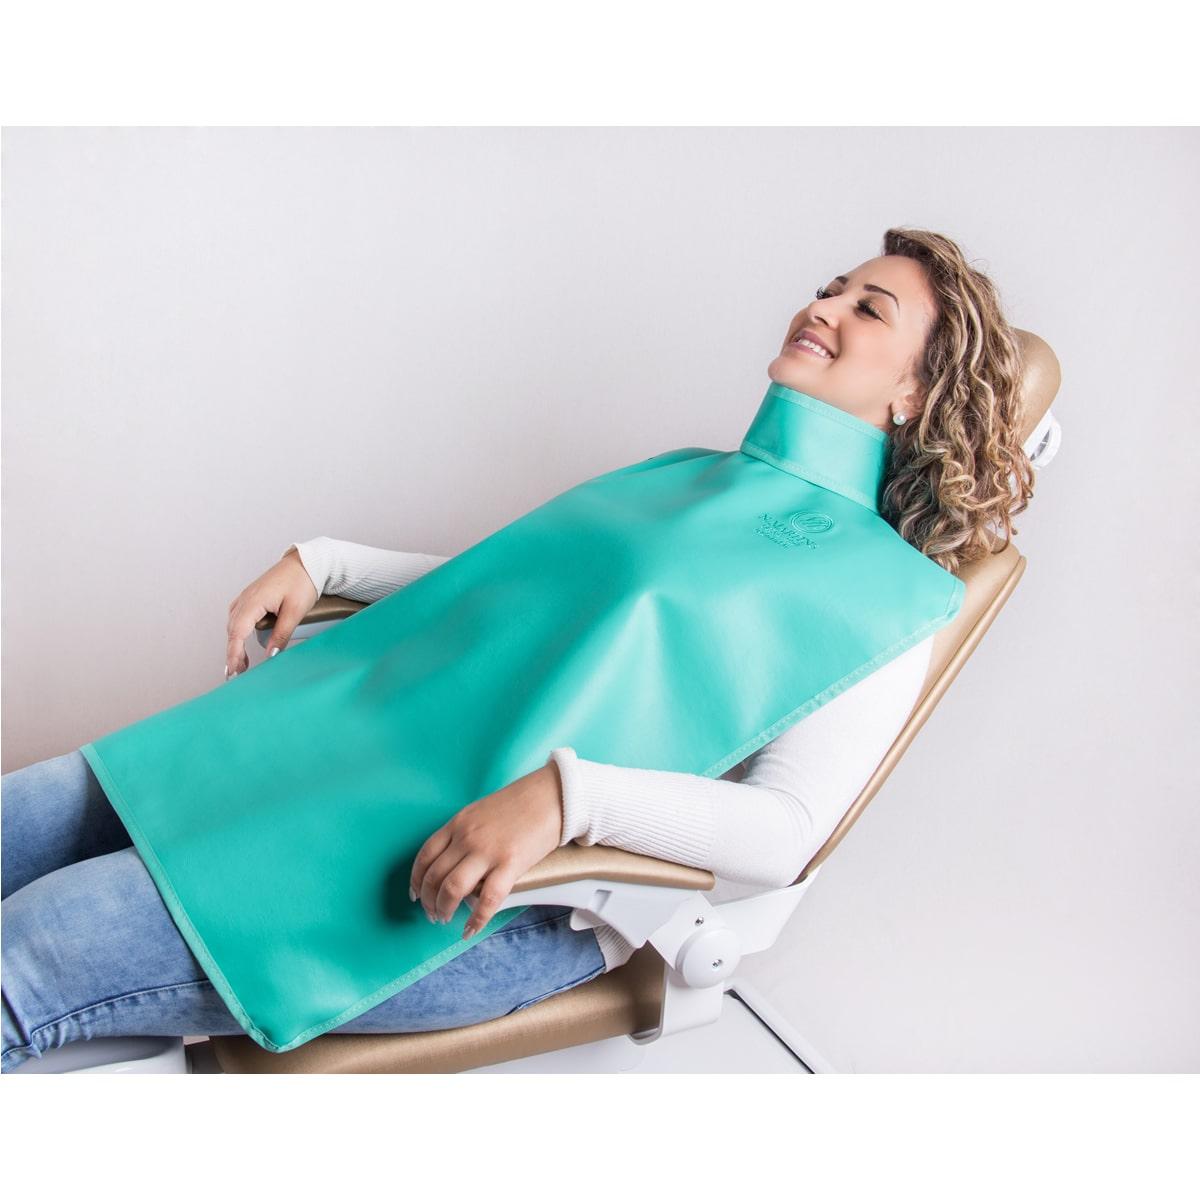 Avental Periapical com protetor de tireoide - 85x60cm - 0,50mm/Pb - N.Martins